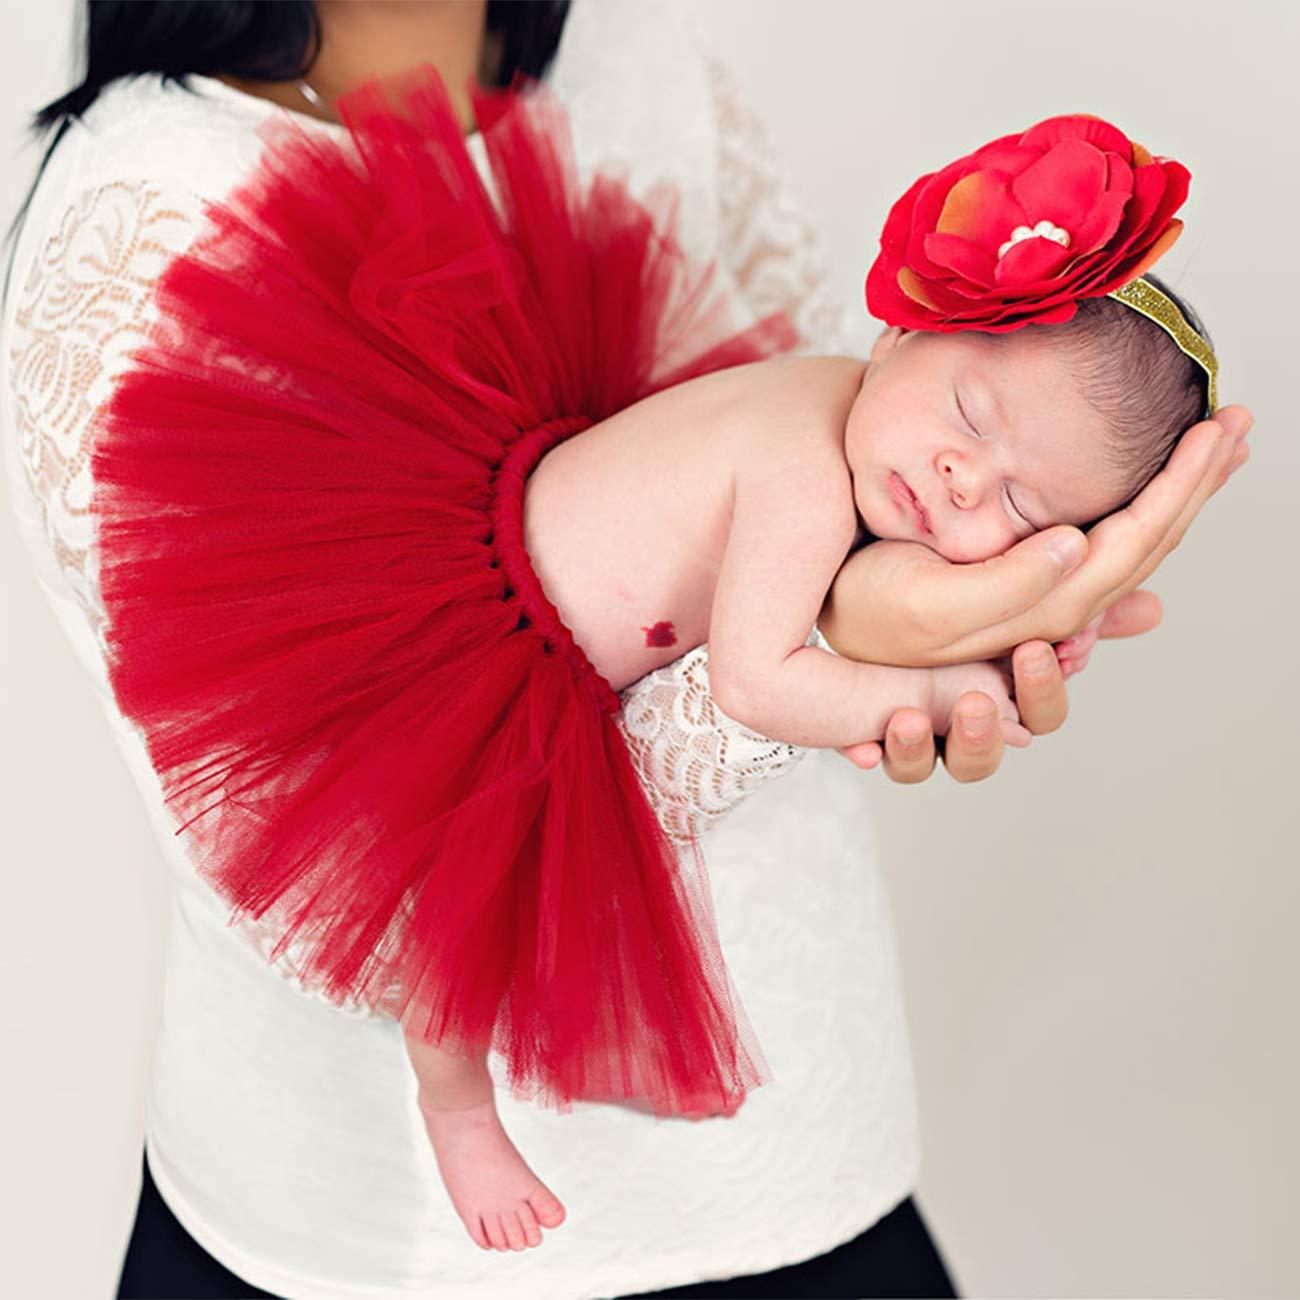 Babyfotografie-Mutter-haelt-Baby